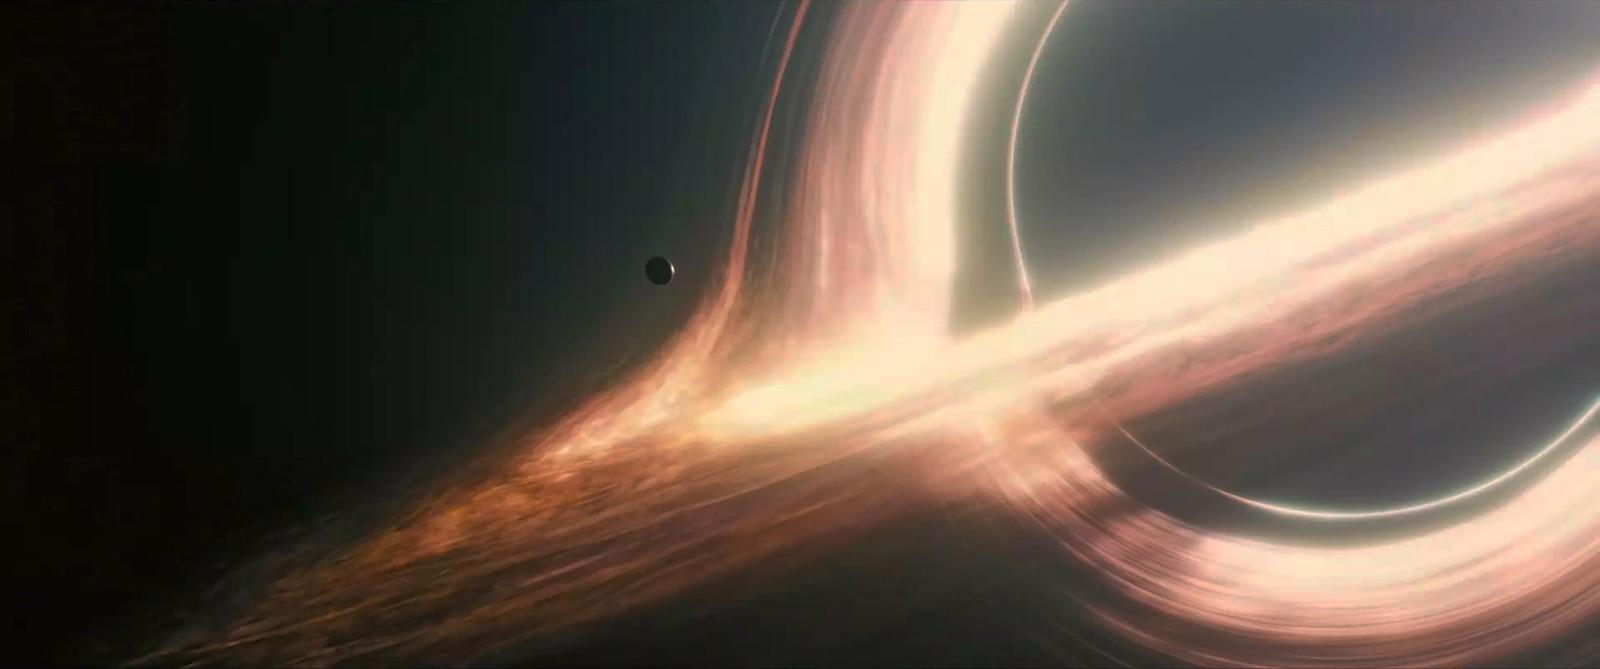 black hole singularity explained - photo #31